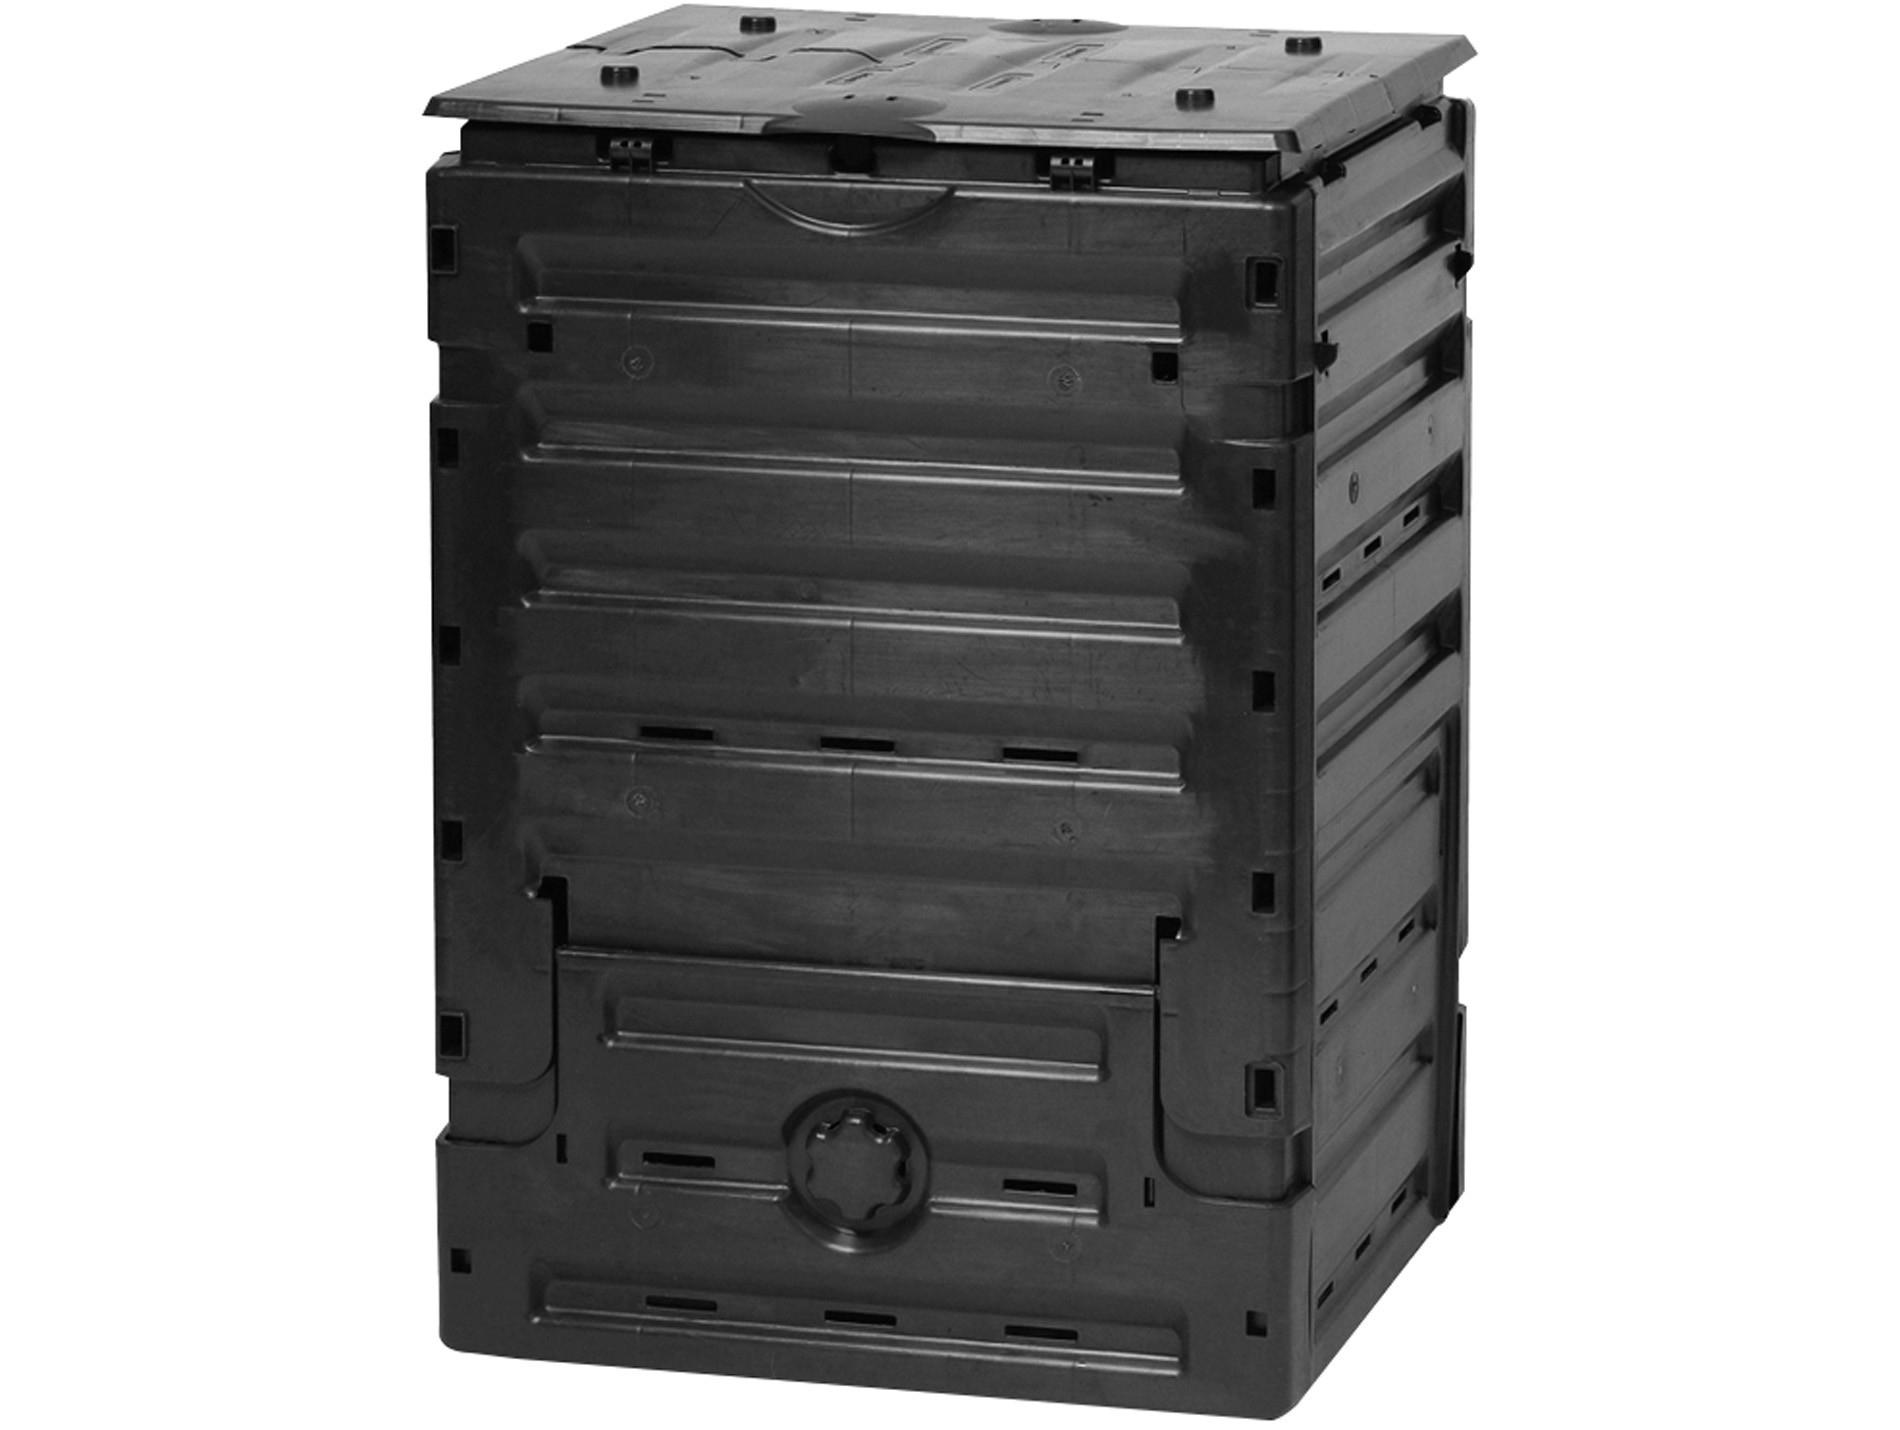 Composteur Eco Master 450L - Composteur, Incinérateur De ... destiné Incinérateur De Jardin